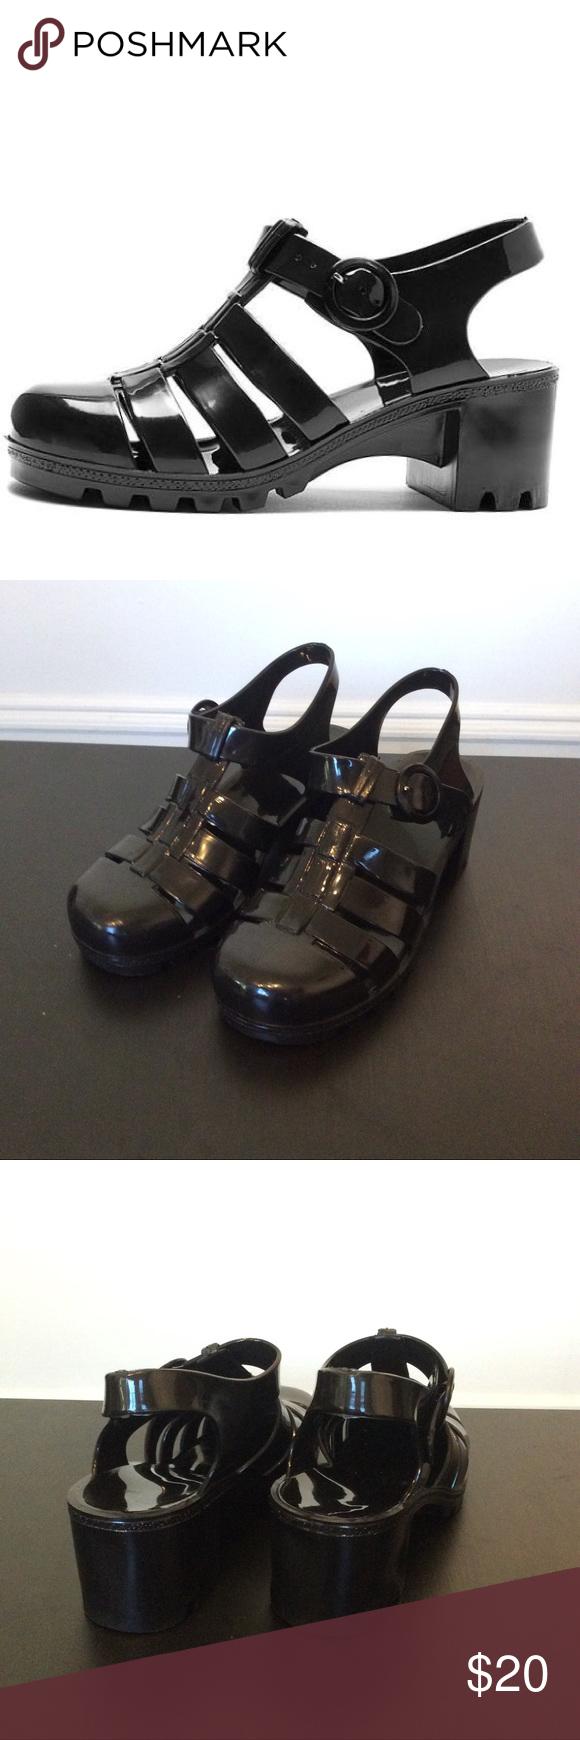 85a6a640f5db American Apparel JuJu Jellies American Apparel JuJu Jellies in black. Size  6. Super comfy